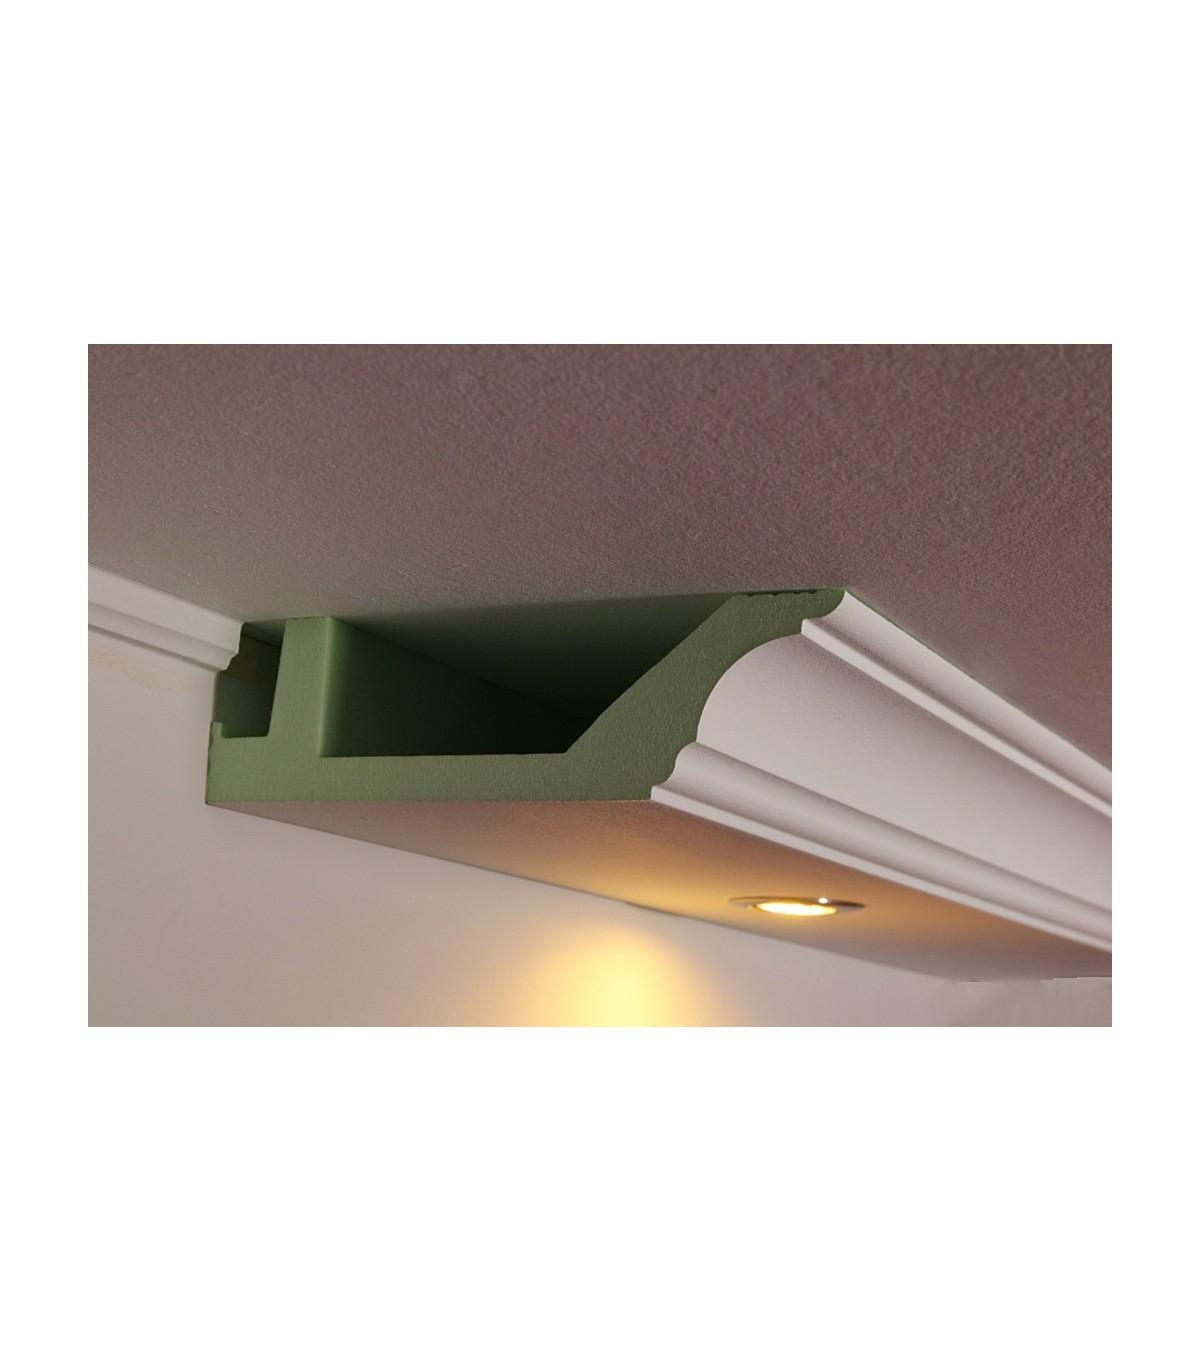 lichtprofile lichtbalken und deckengesimse f r led spots. Black Bedroom Furniture Sets. Home Design Ideas